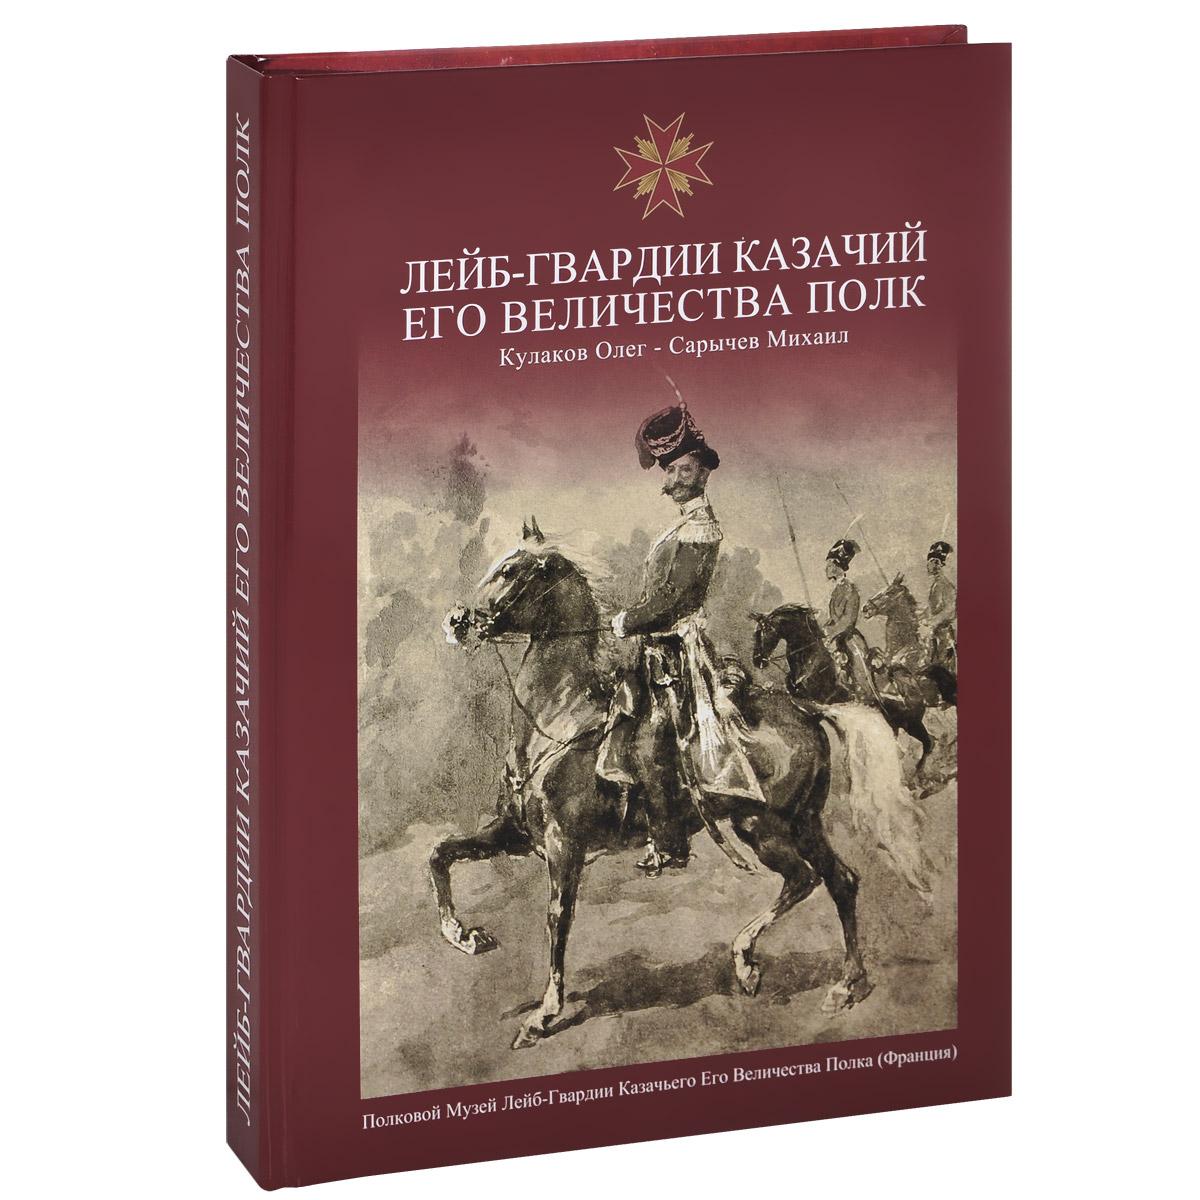 О. Кулаков, М. Сарычев Лейб-Гвардии Казачий Его Величества полк. Альбом